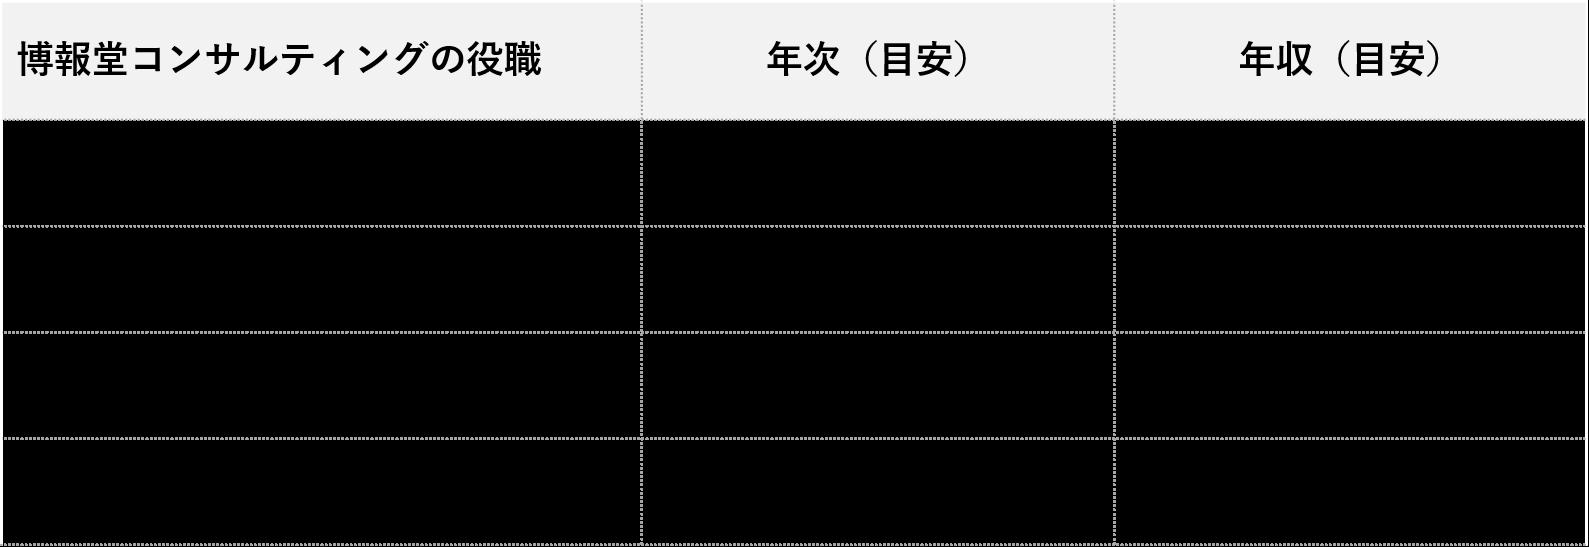 博報堂コンサルティング_役職別年収